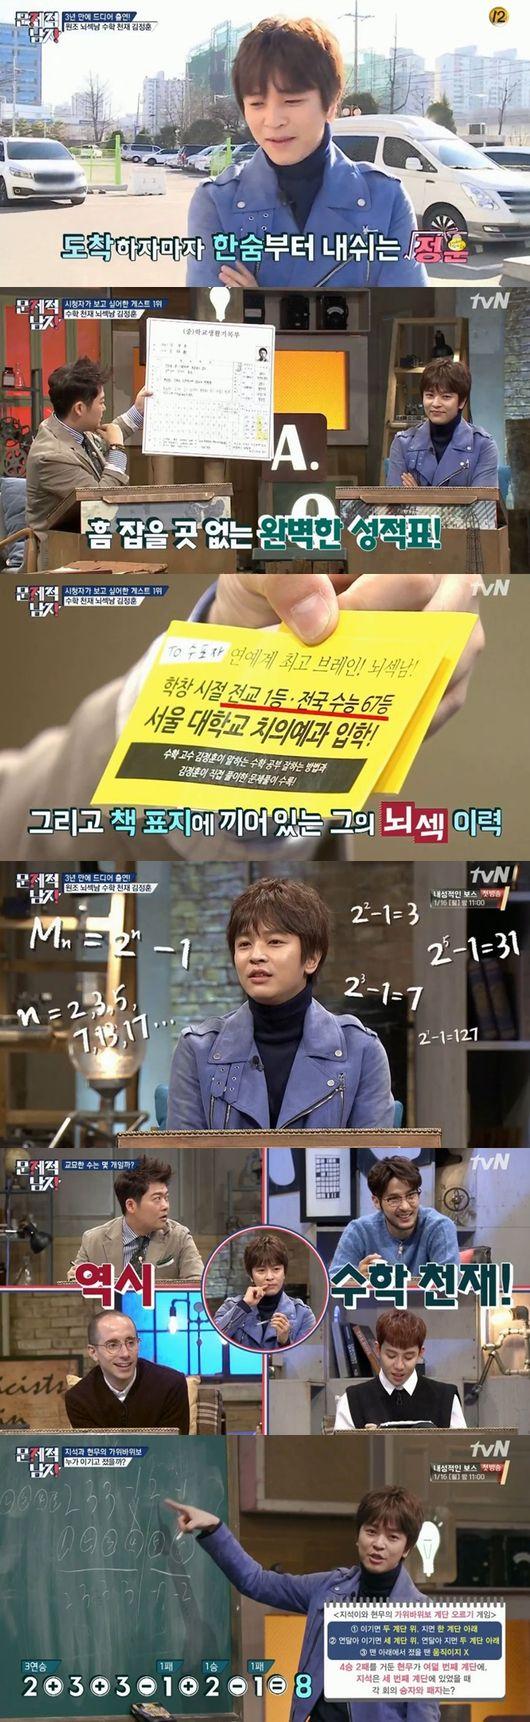 '문제적남자' 김정훈, 맞춤형 게스트란 이런것 [종합]